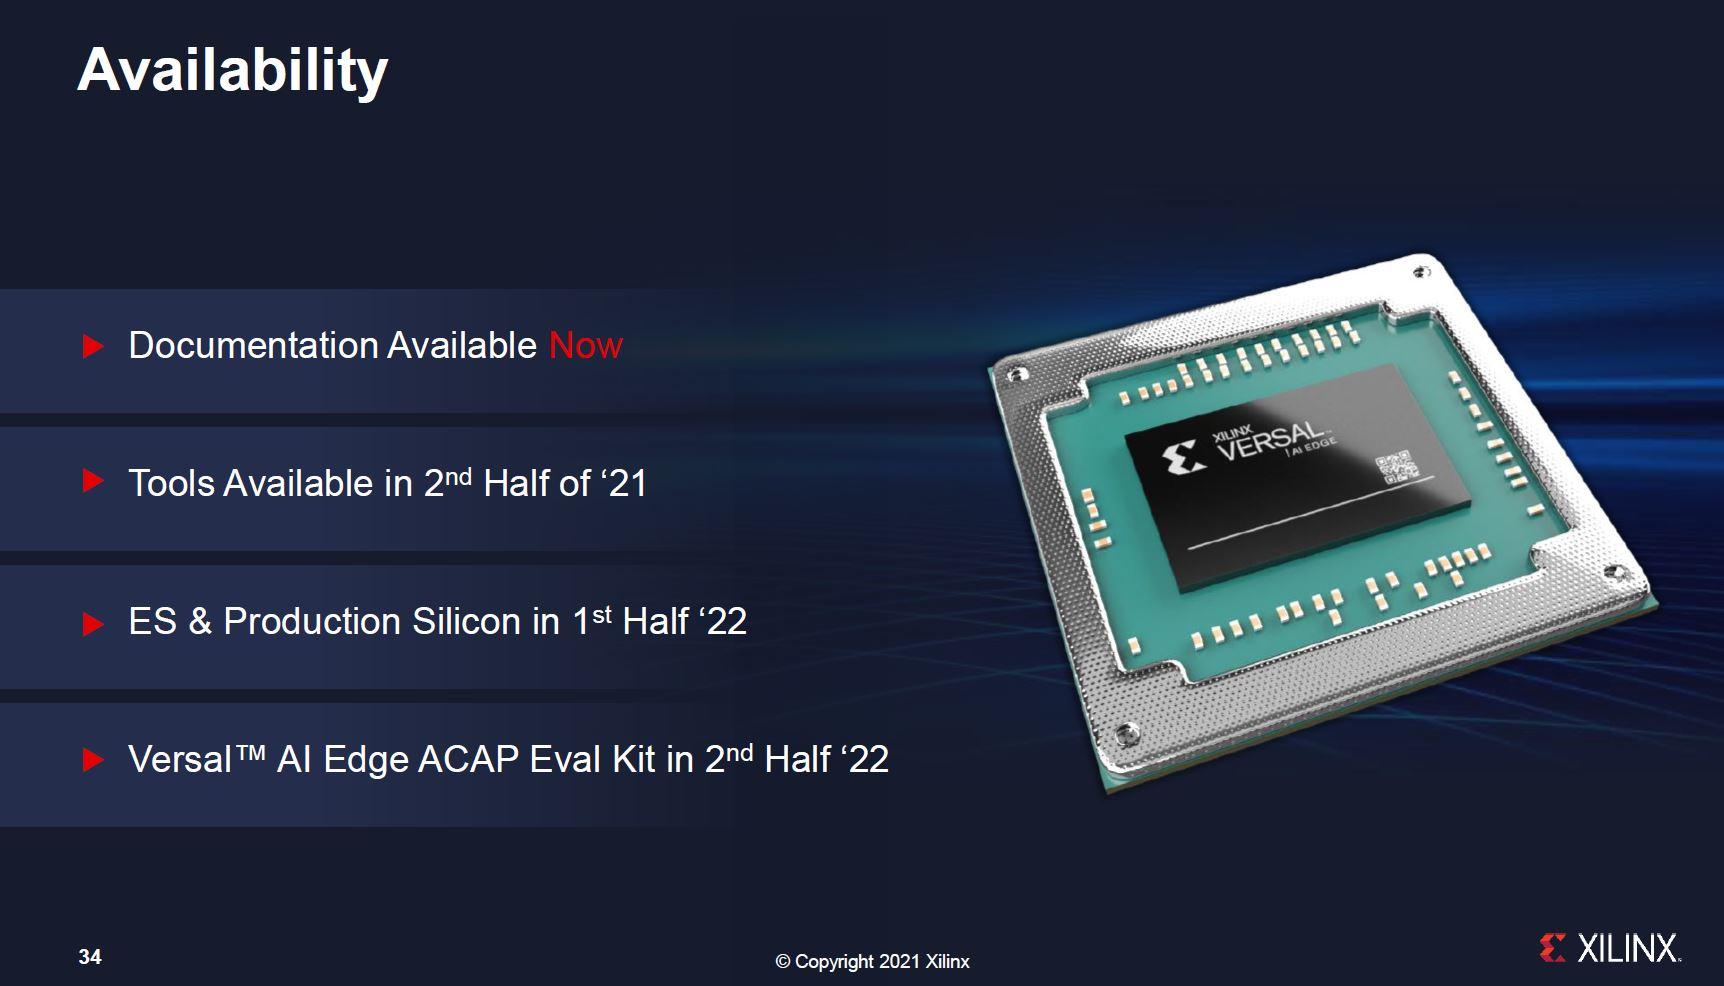 Xilinx-Versal-AI-Edge-Availability.jpg